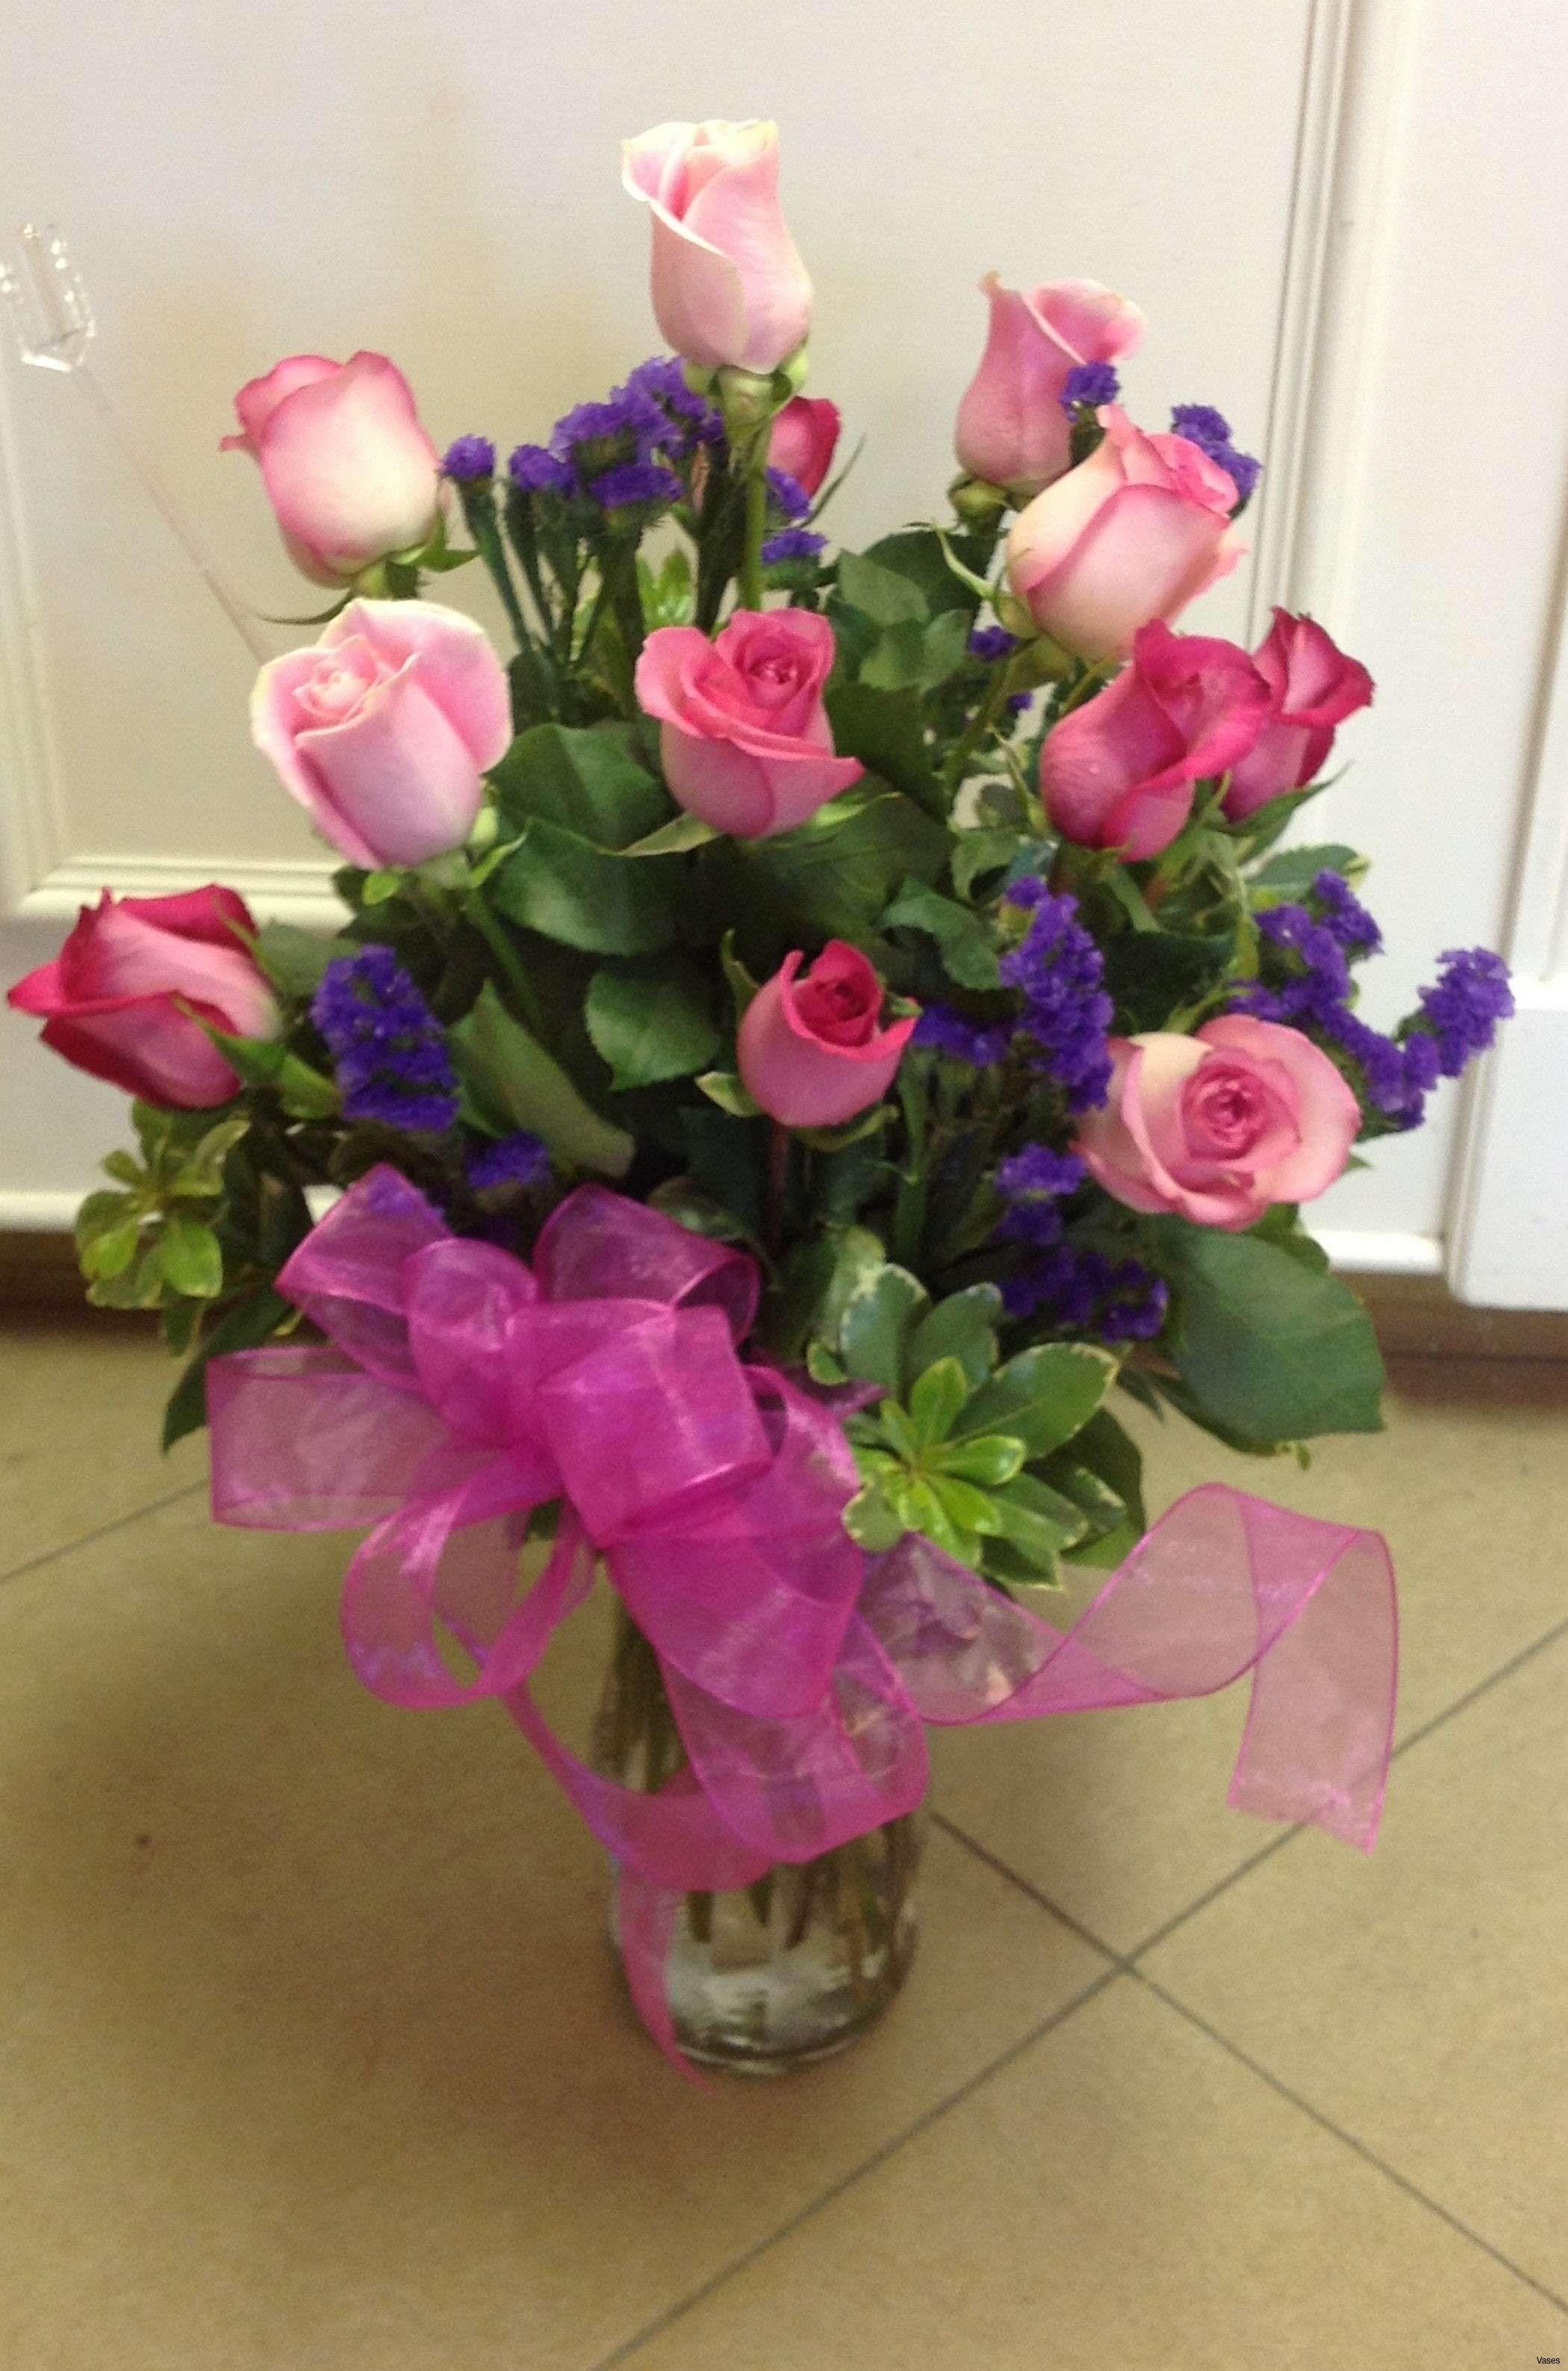 12 Fantastic Diy Decorative Flower Vases